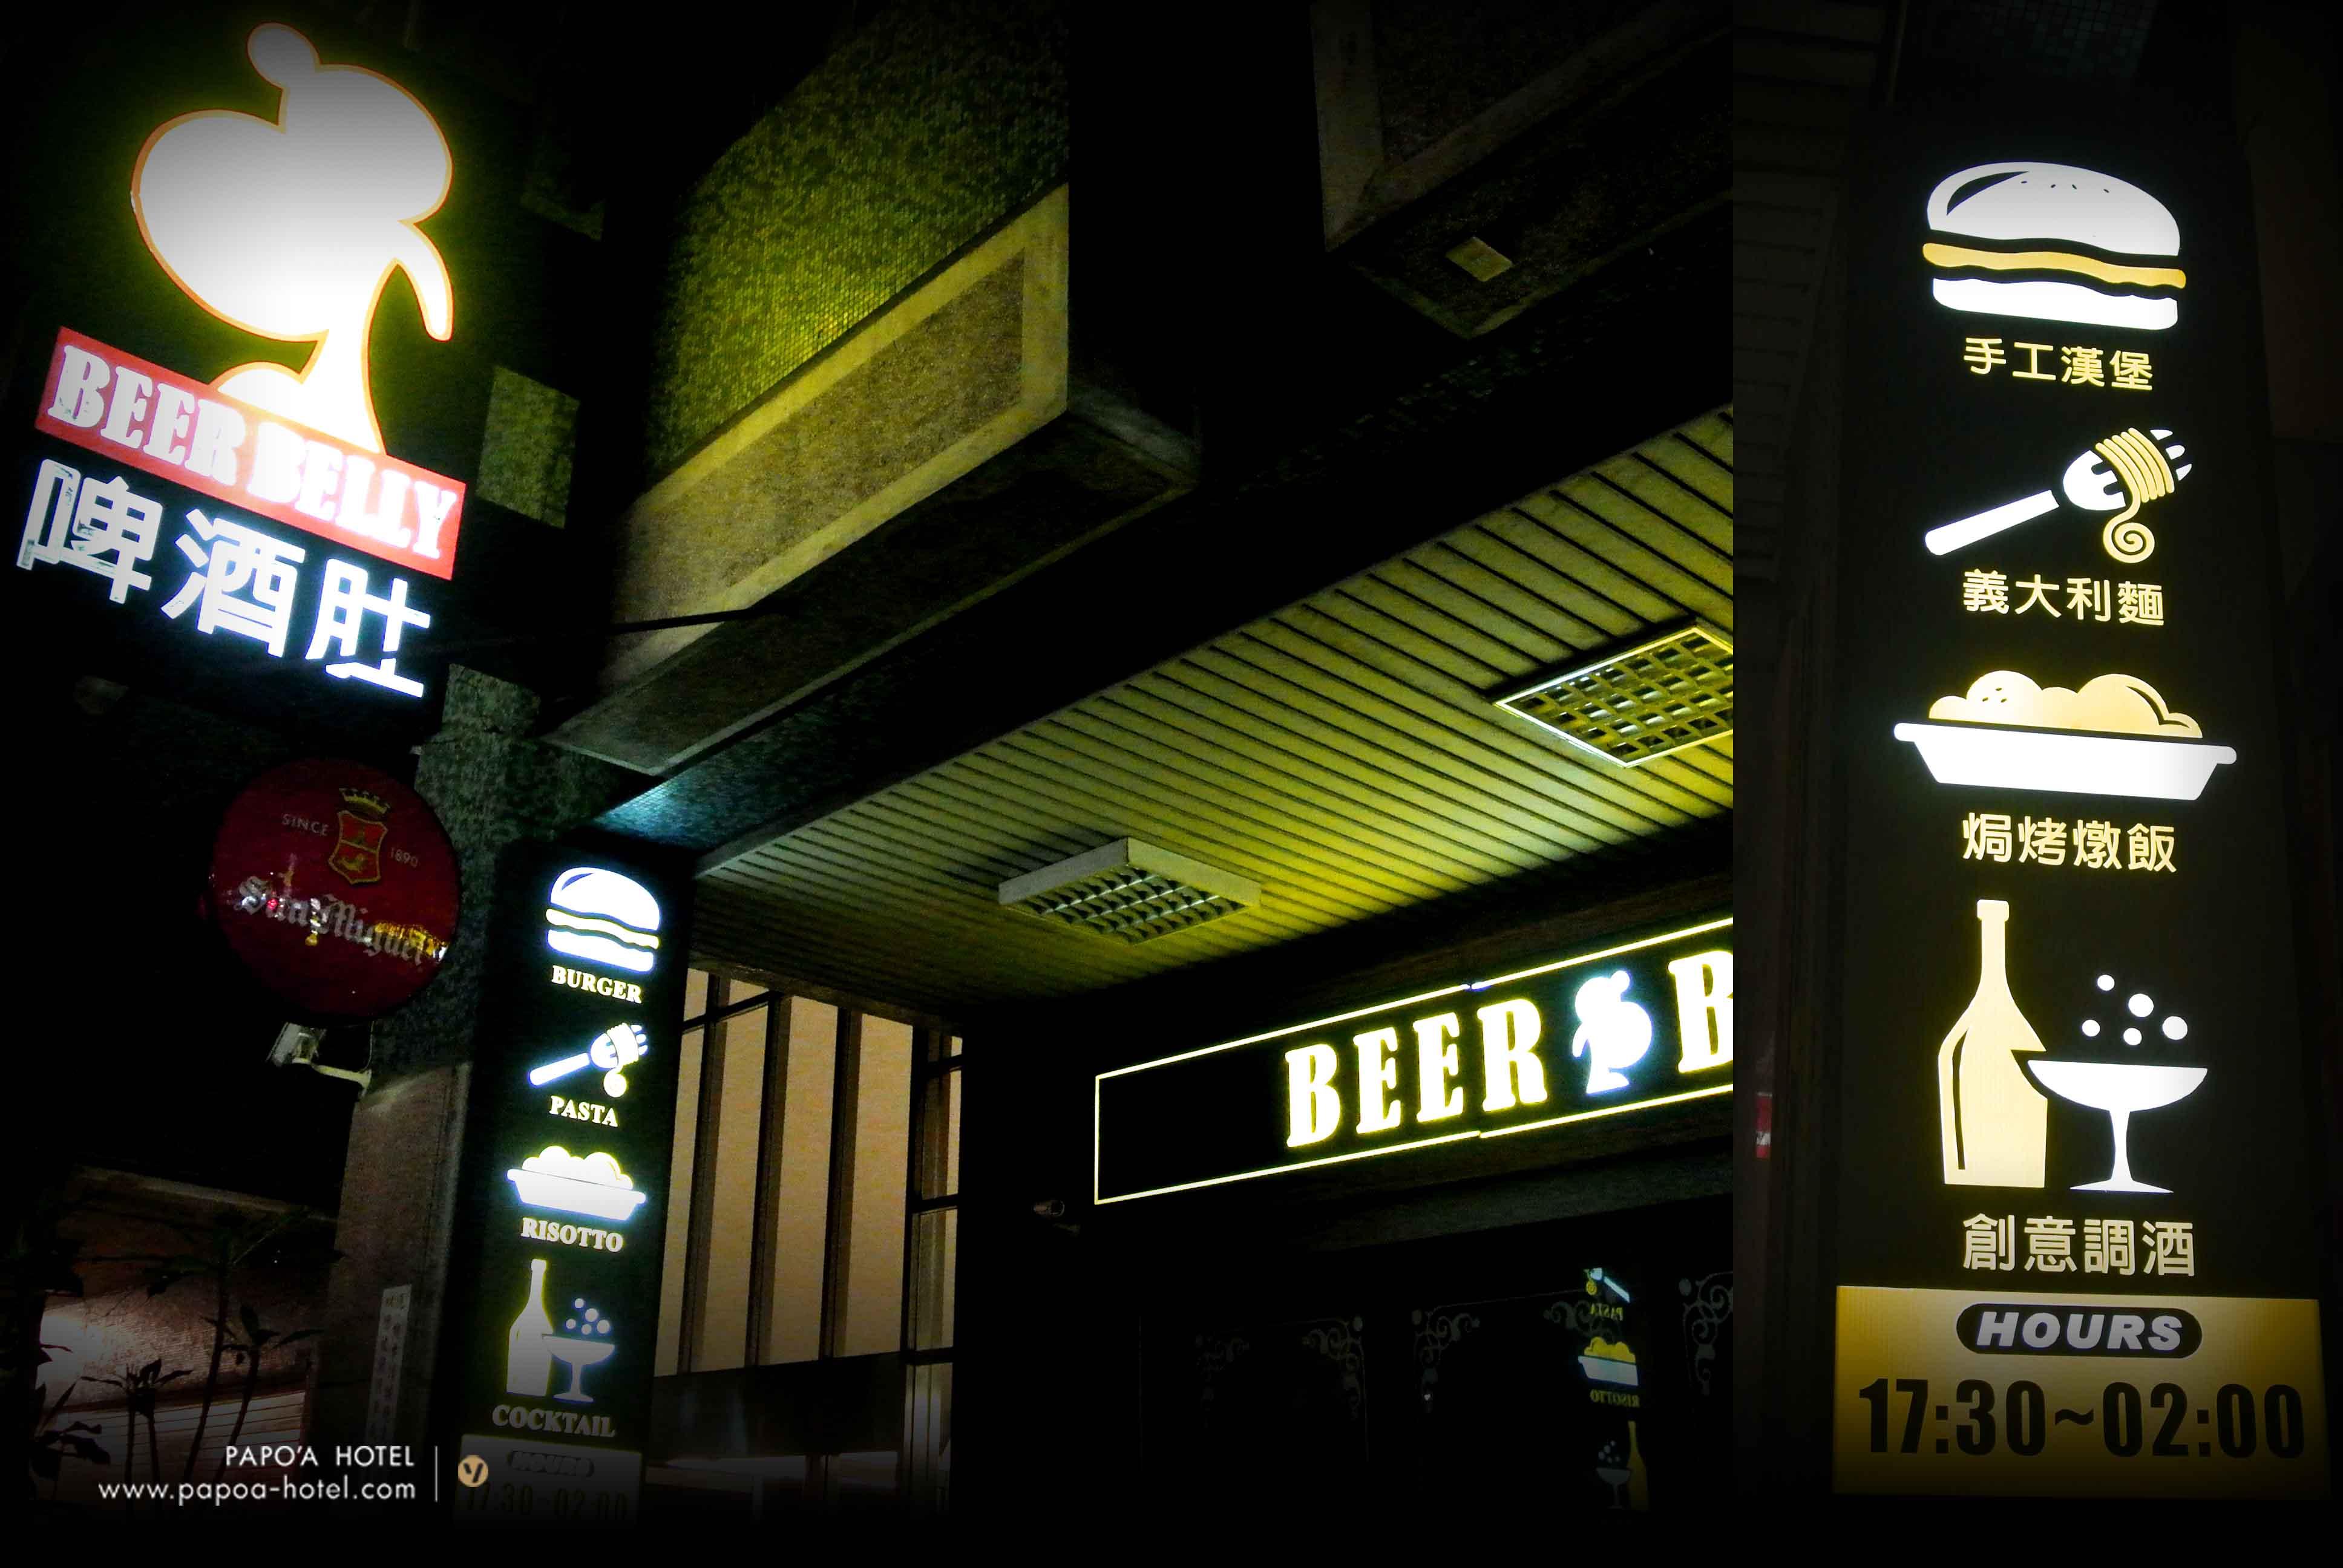 啤酒肚餐廳招牌